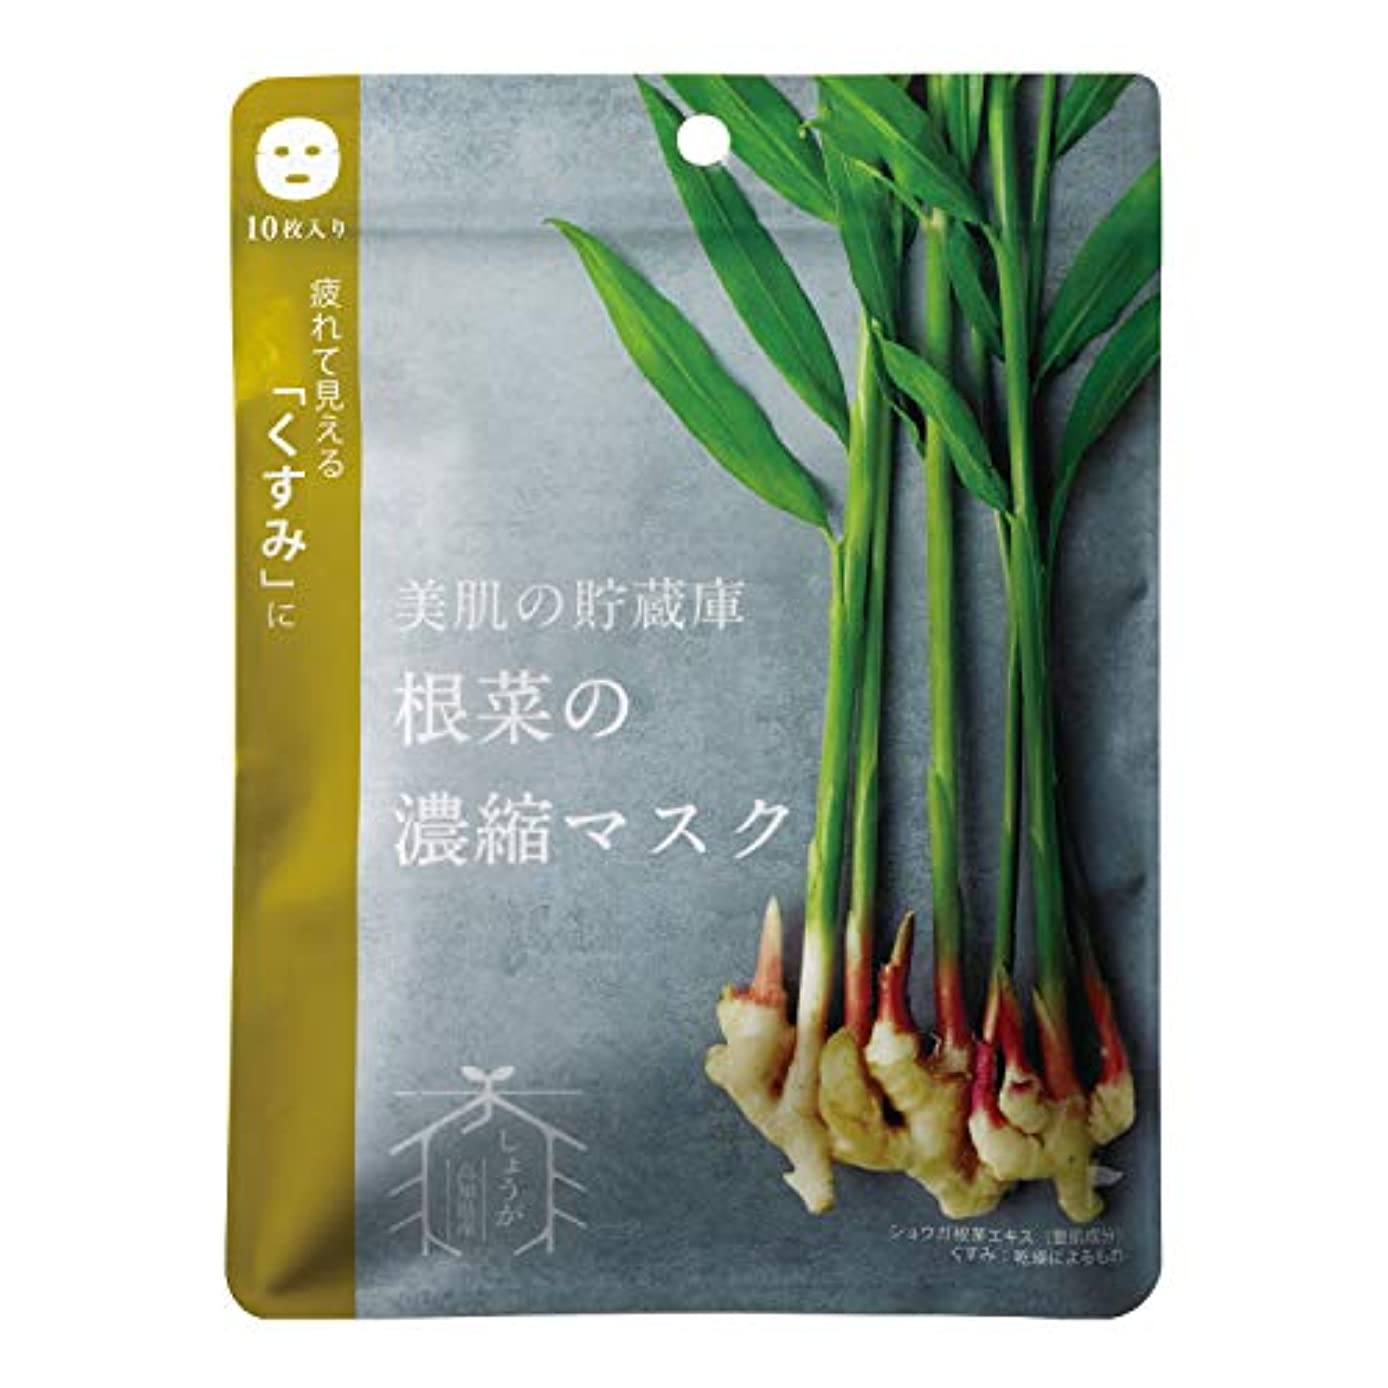 より多い拍車ピケ@cosme nippon 美肌の貯蔵庫 根菜の濃縮マスク 土佐一しょうが 10枚 160ml